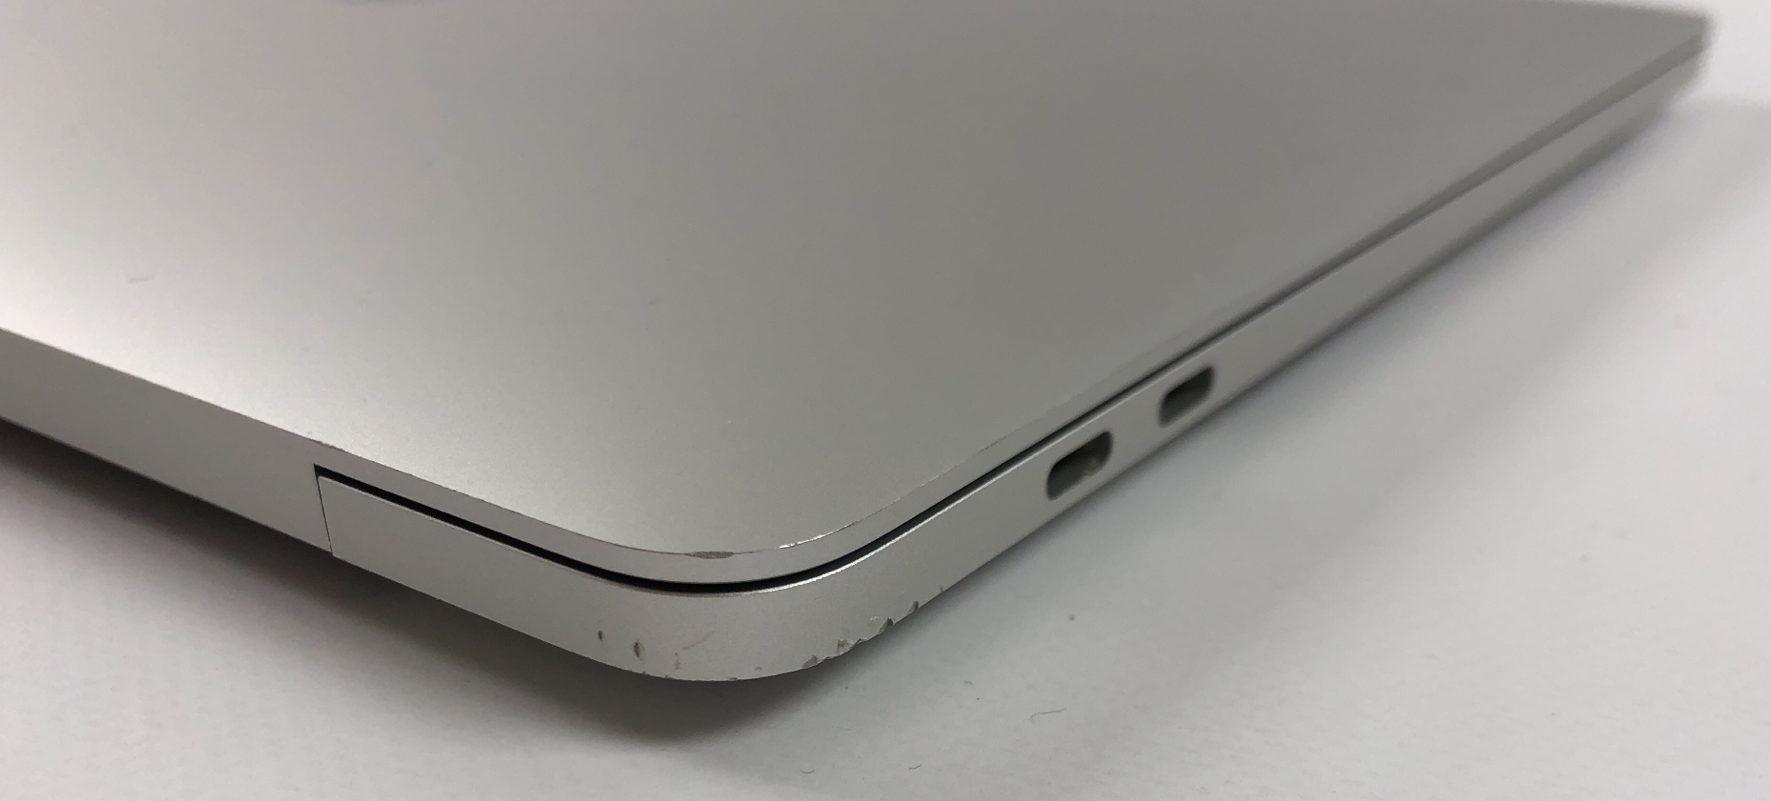 """MacBook Pro 13"""" 4TBT Mid 2017 (Intel Core i5 3.1 GHz 8 GB RAM 256 GB SSD), Silver, Intel Core i5 3.1 GHz, 8 GB RAM, 256 GB SSD, Kuva 3"""